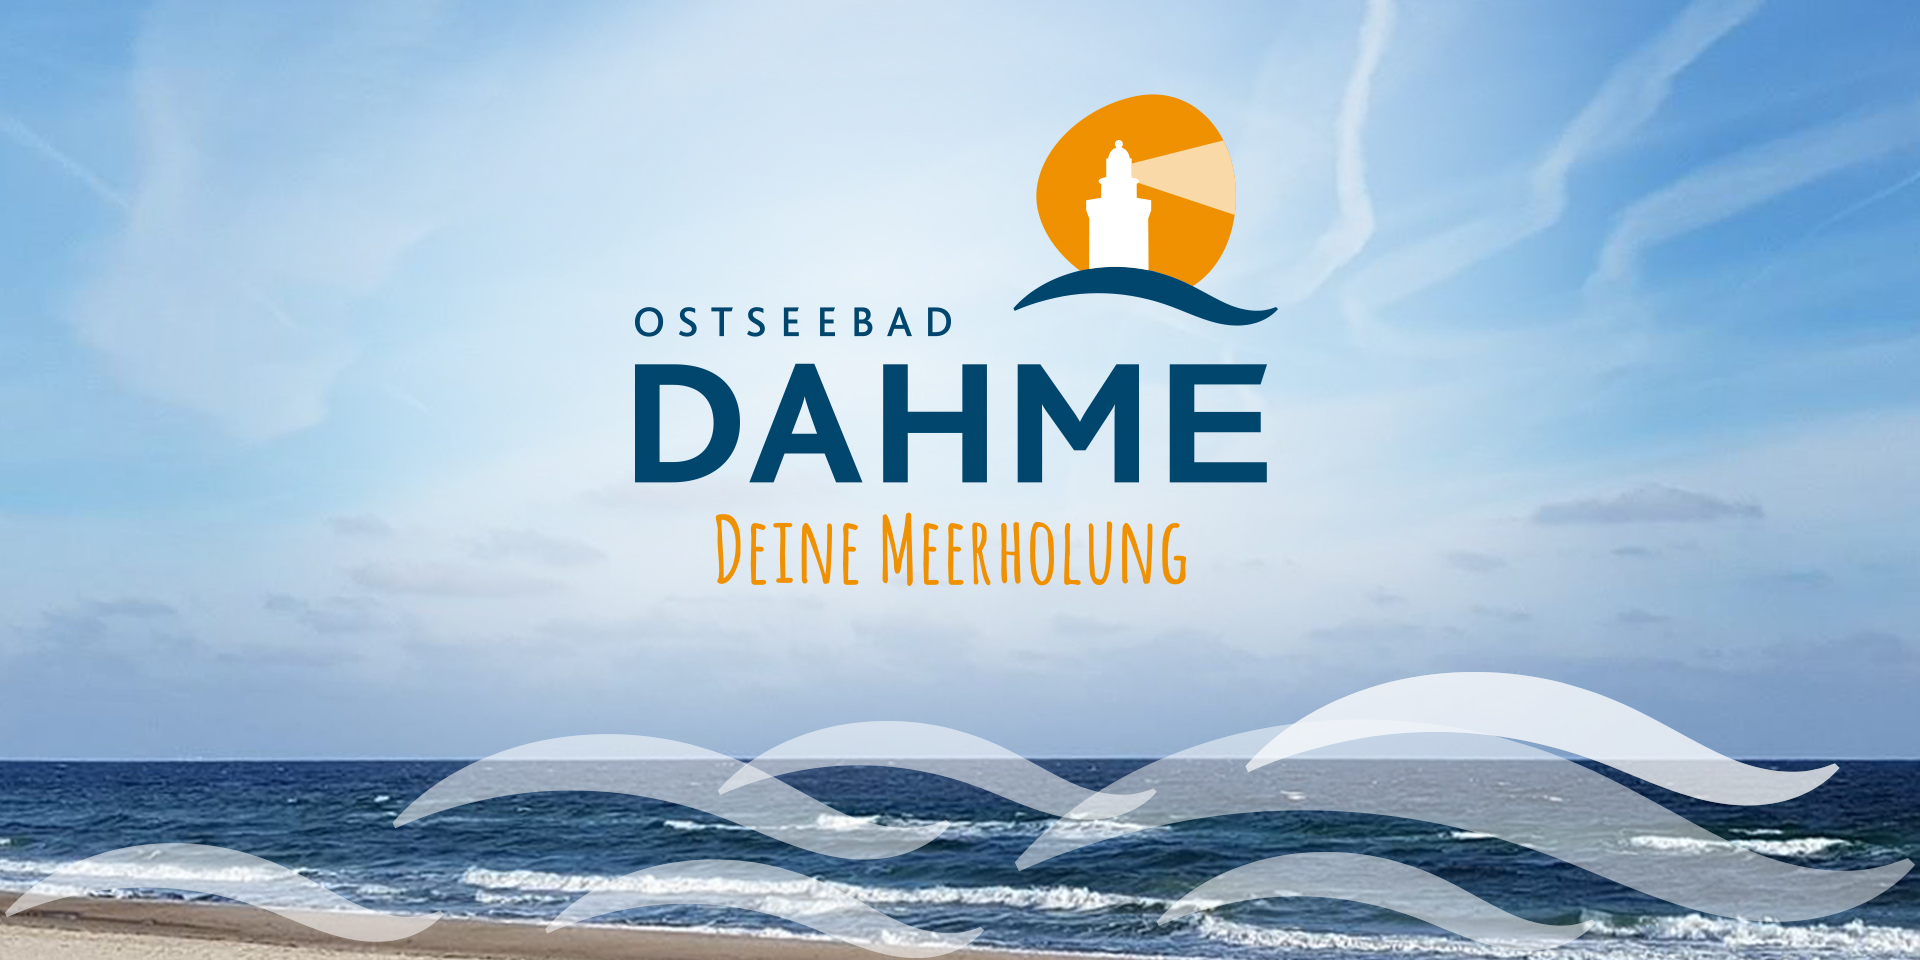 Jetzt wirds frisch im Ostseebad Dahme